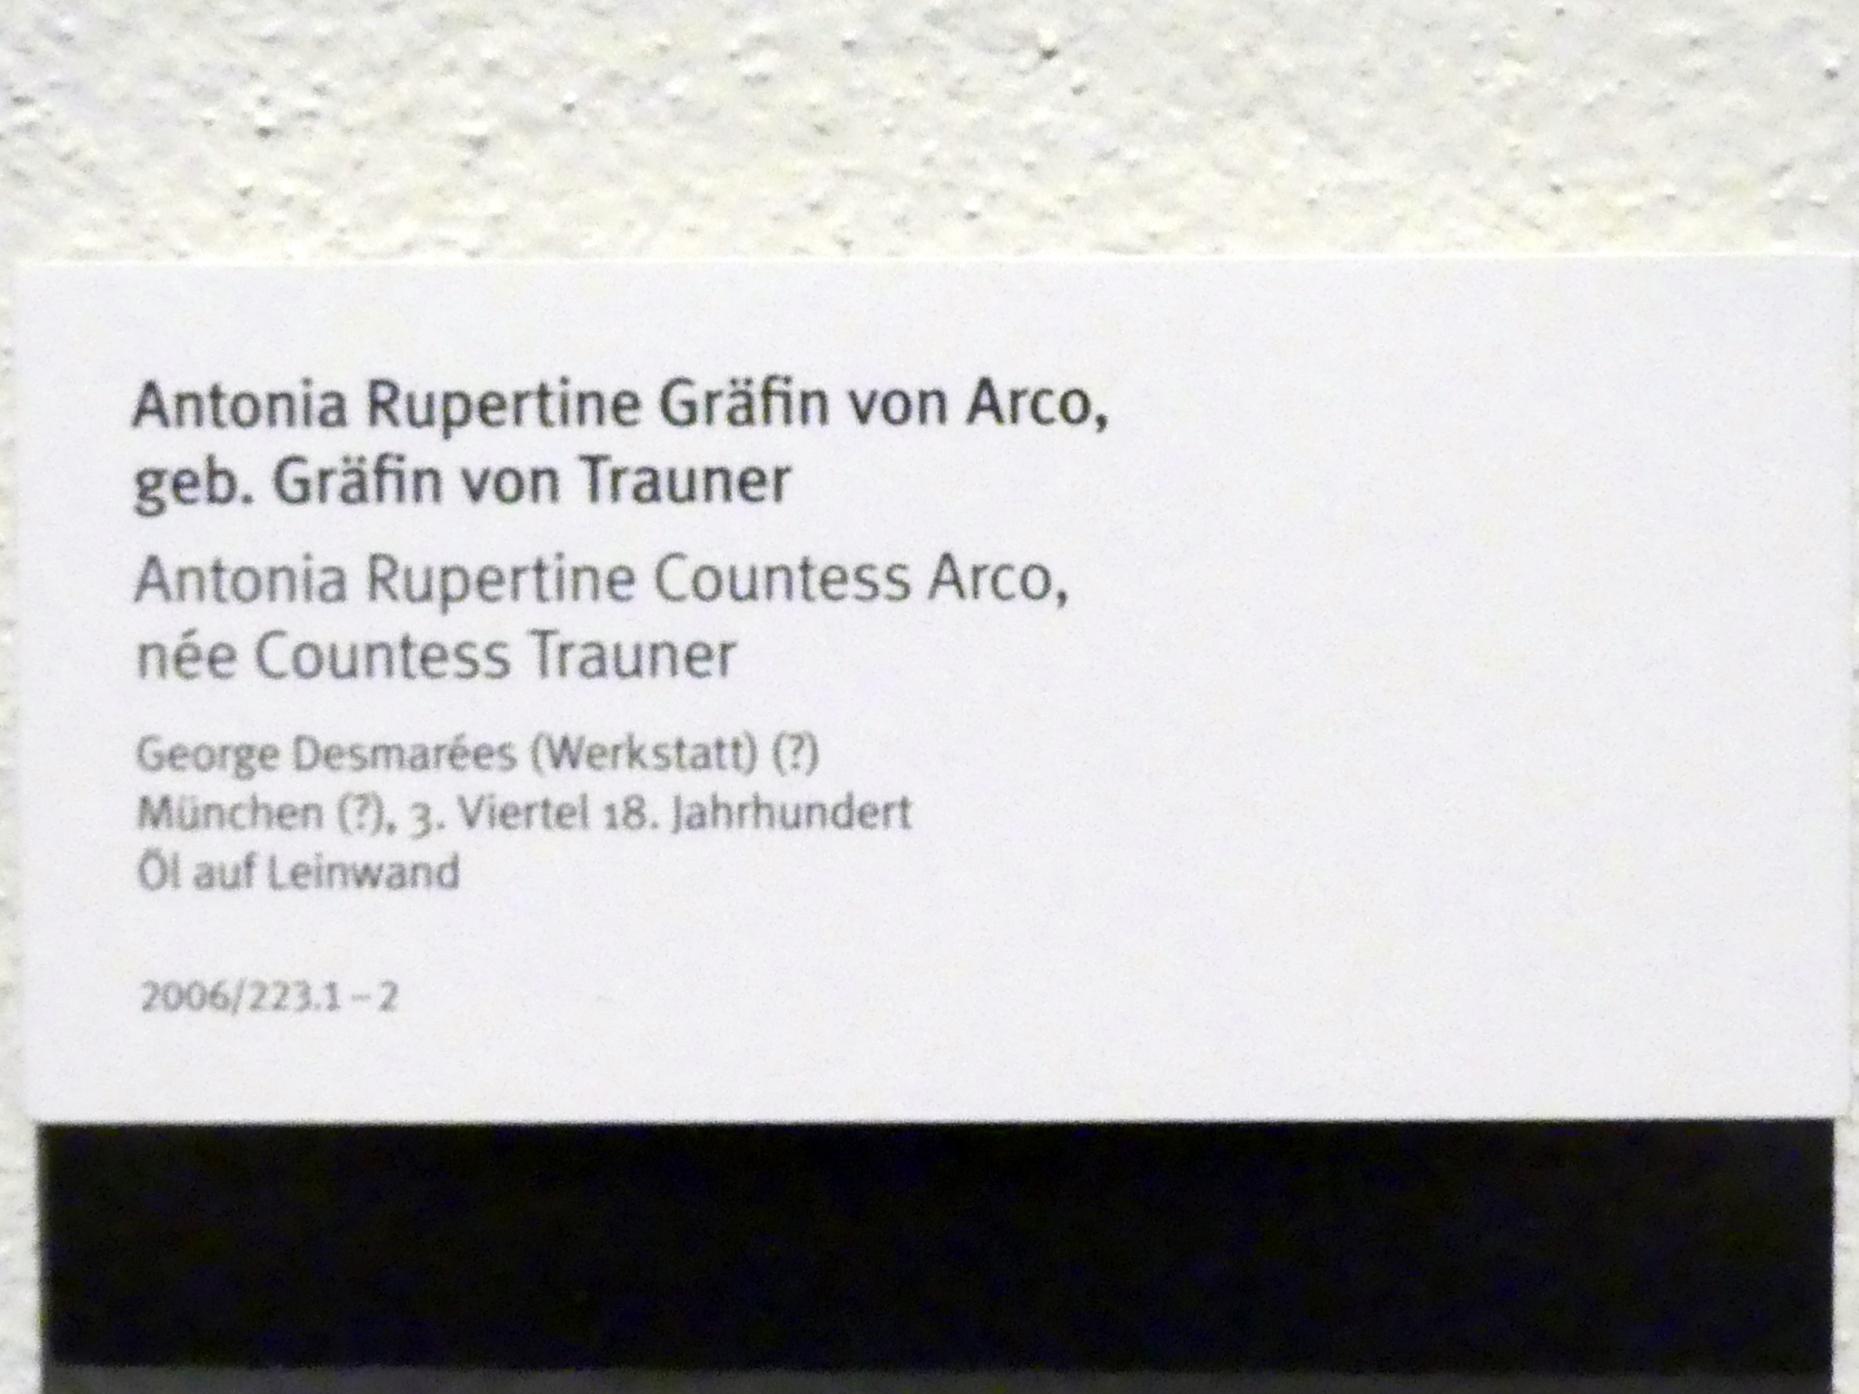 George Desmarées (Werkstatt): Antonia Rupertine Gräfin von Arco, geb. Gräfin von Trauner, 3. Viertel 18. Jhd., Bild 2/2